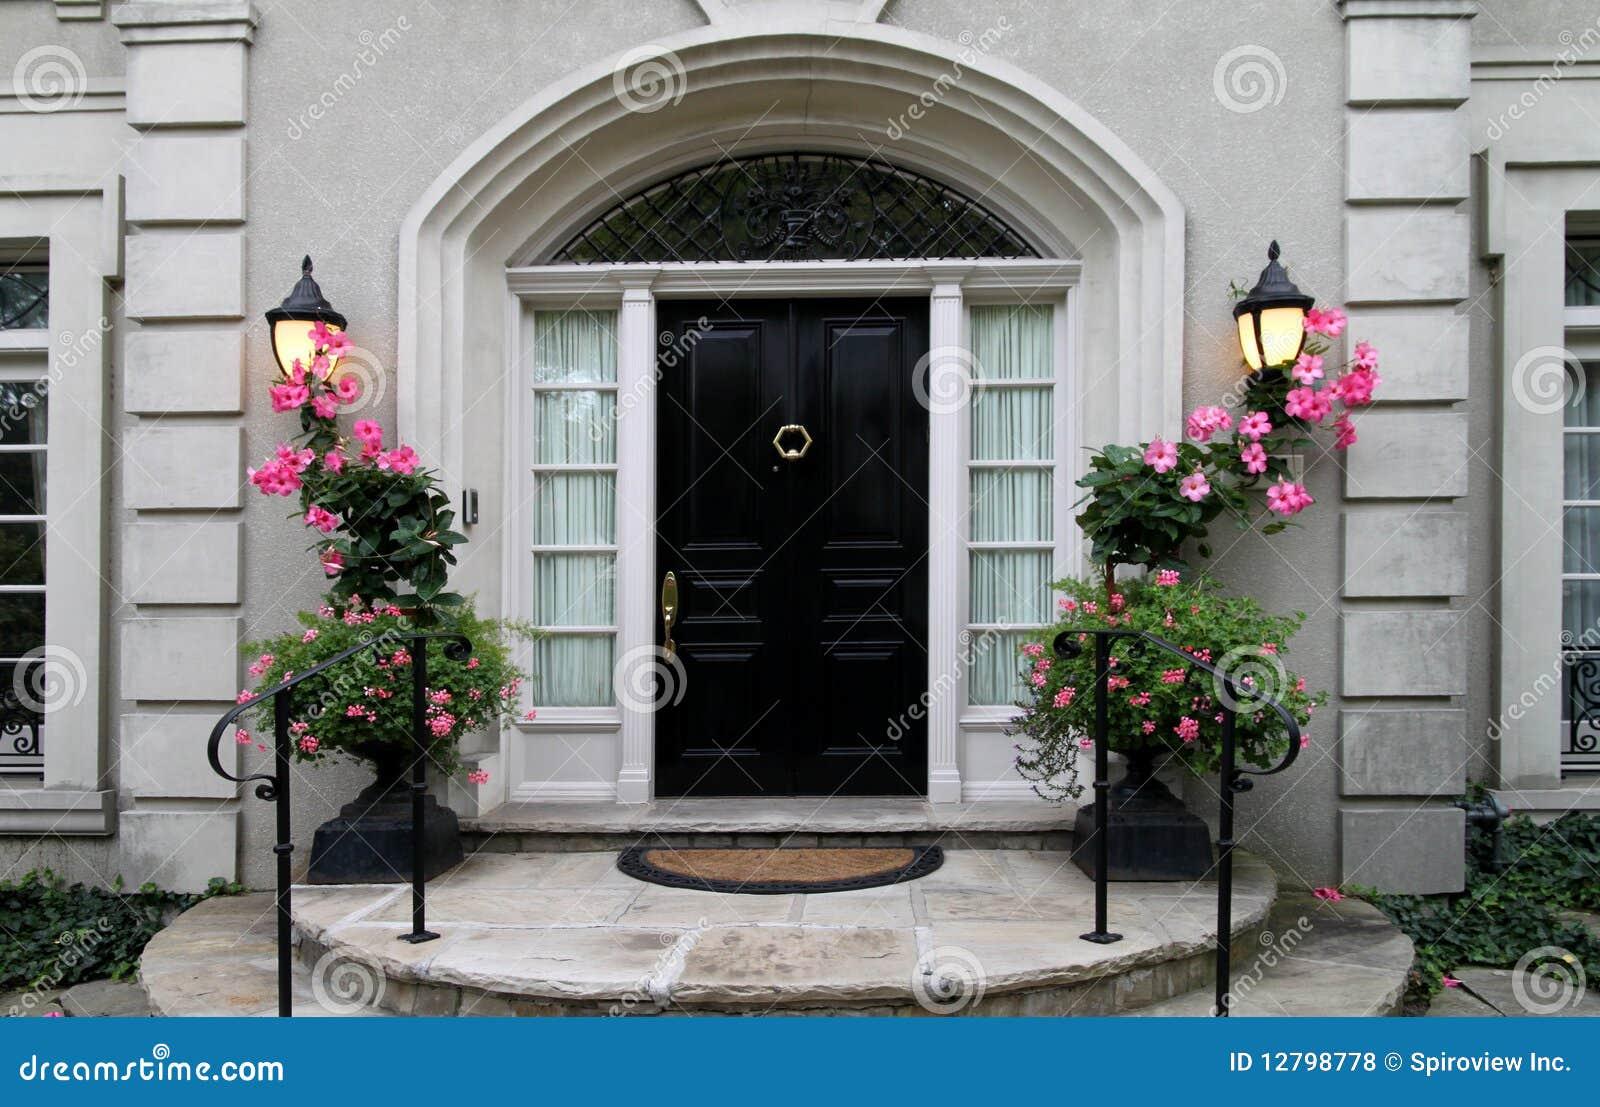 Elegante Haust 252 R Mit Blumen Stockfoto Bild Von